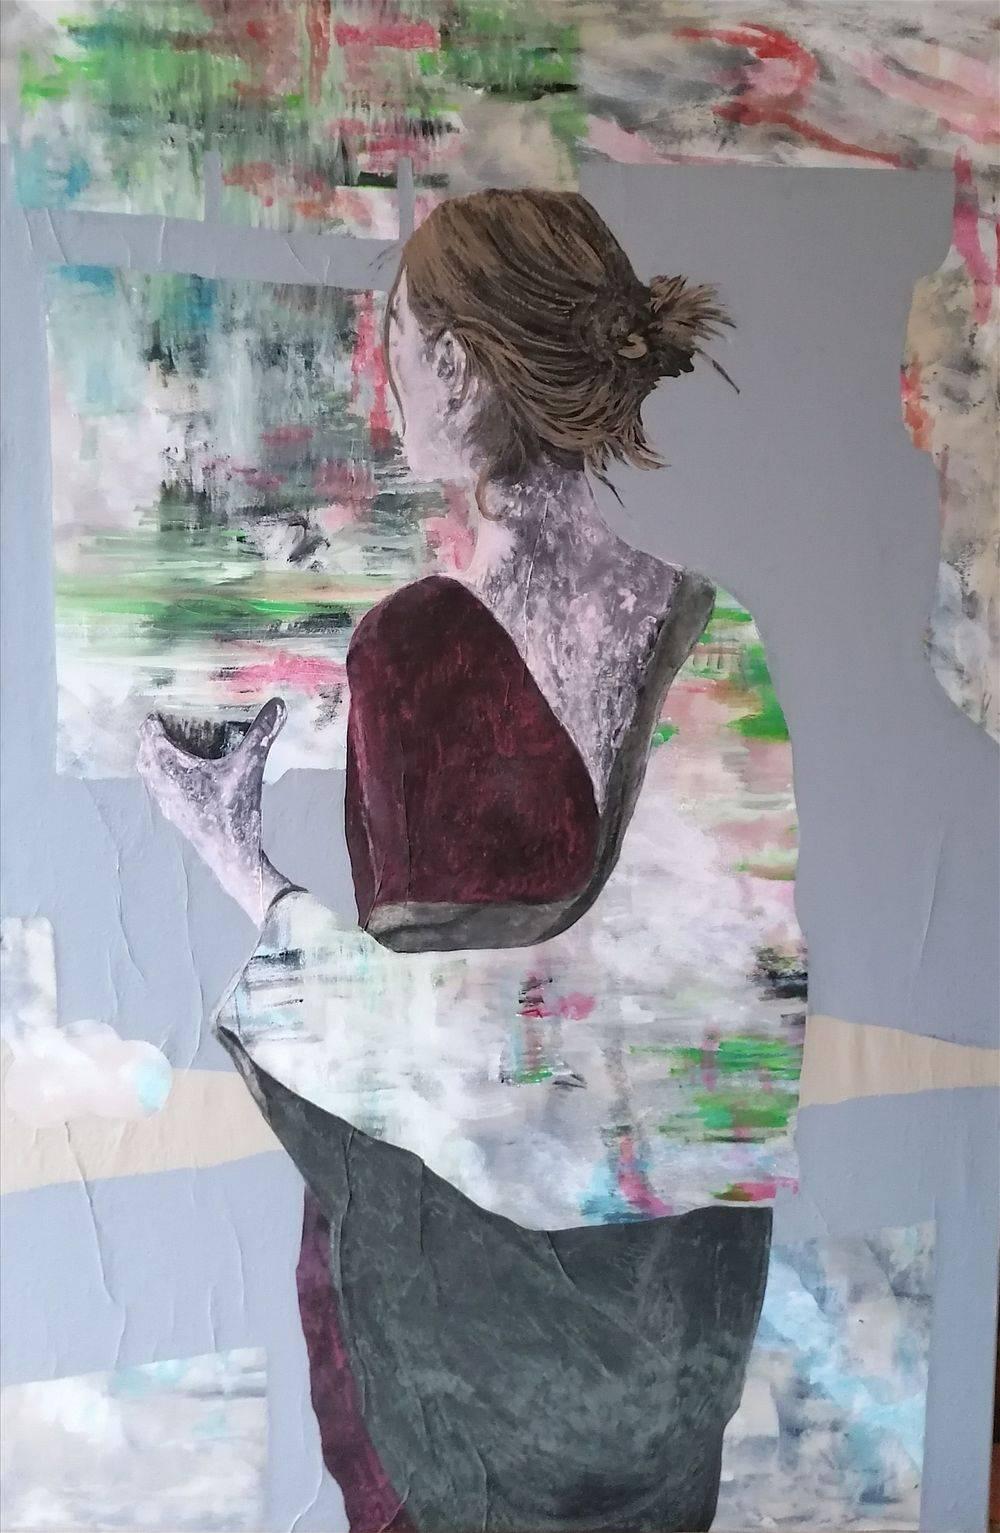 Aquarelle, Acrylique, Portrait, Femme, Histoire de l'art